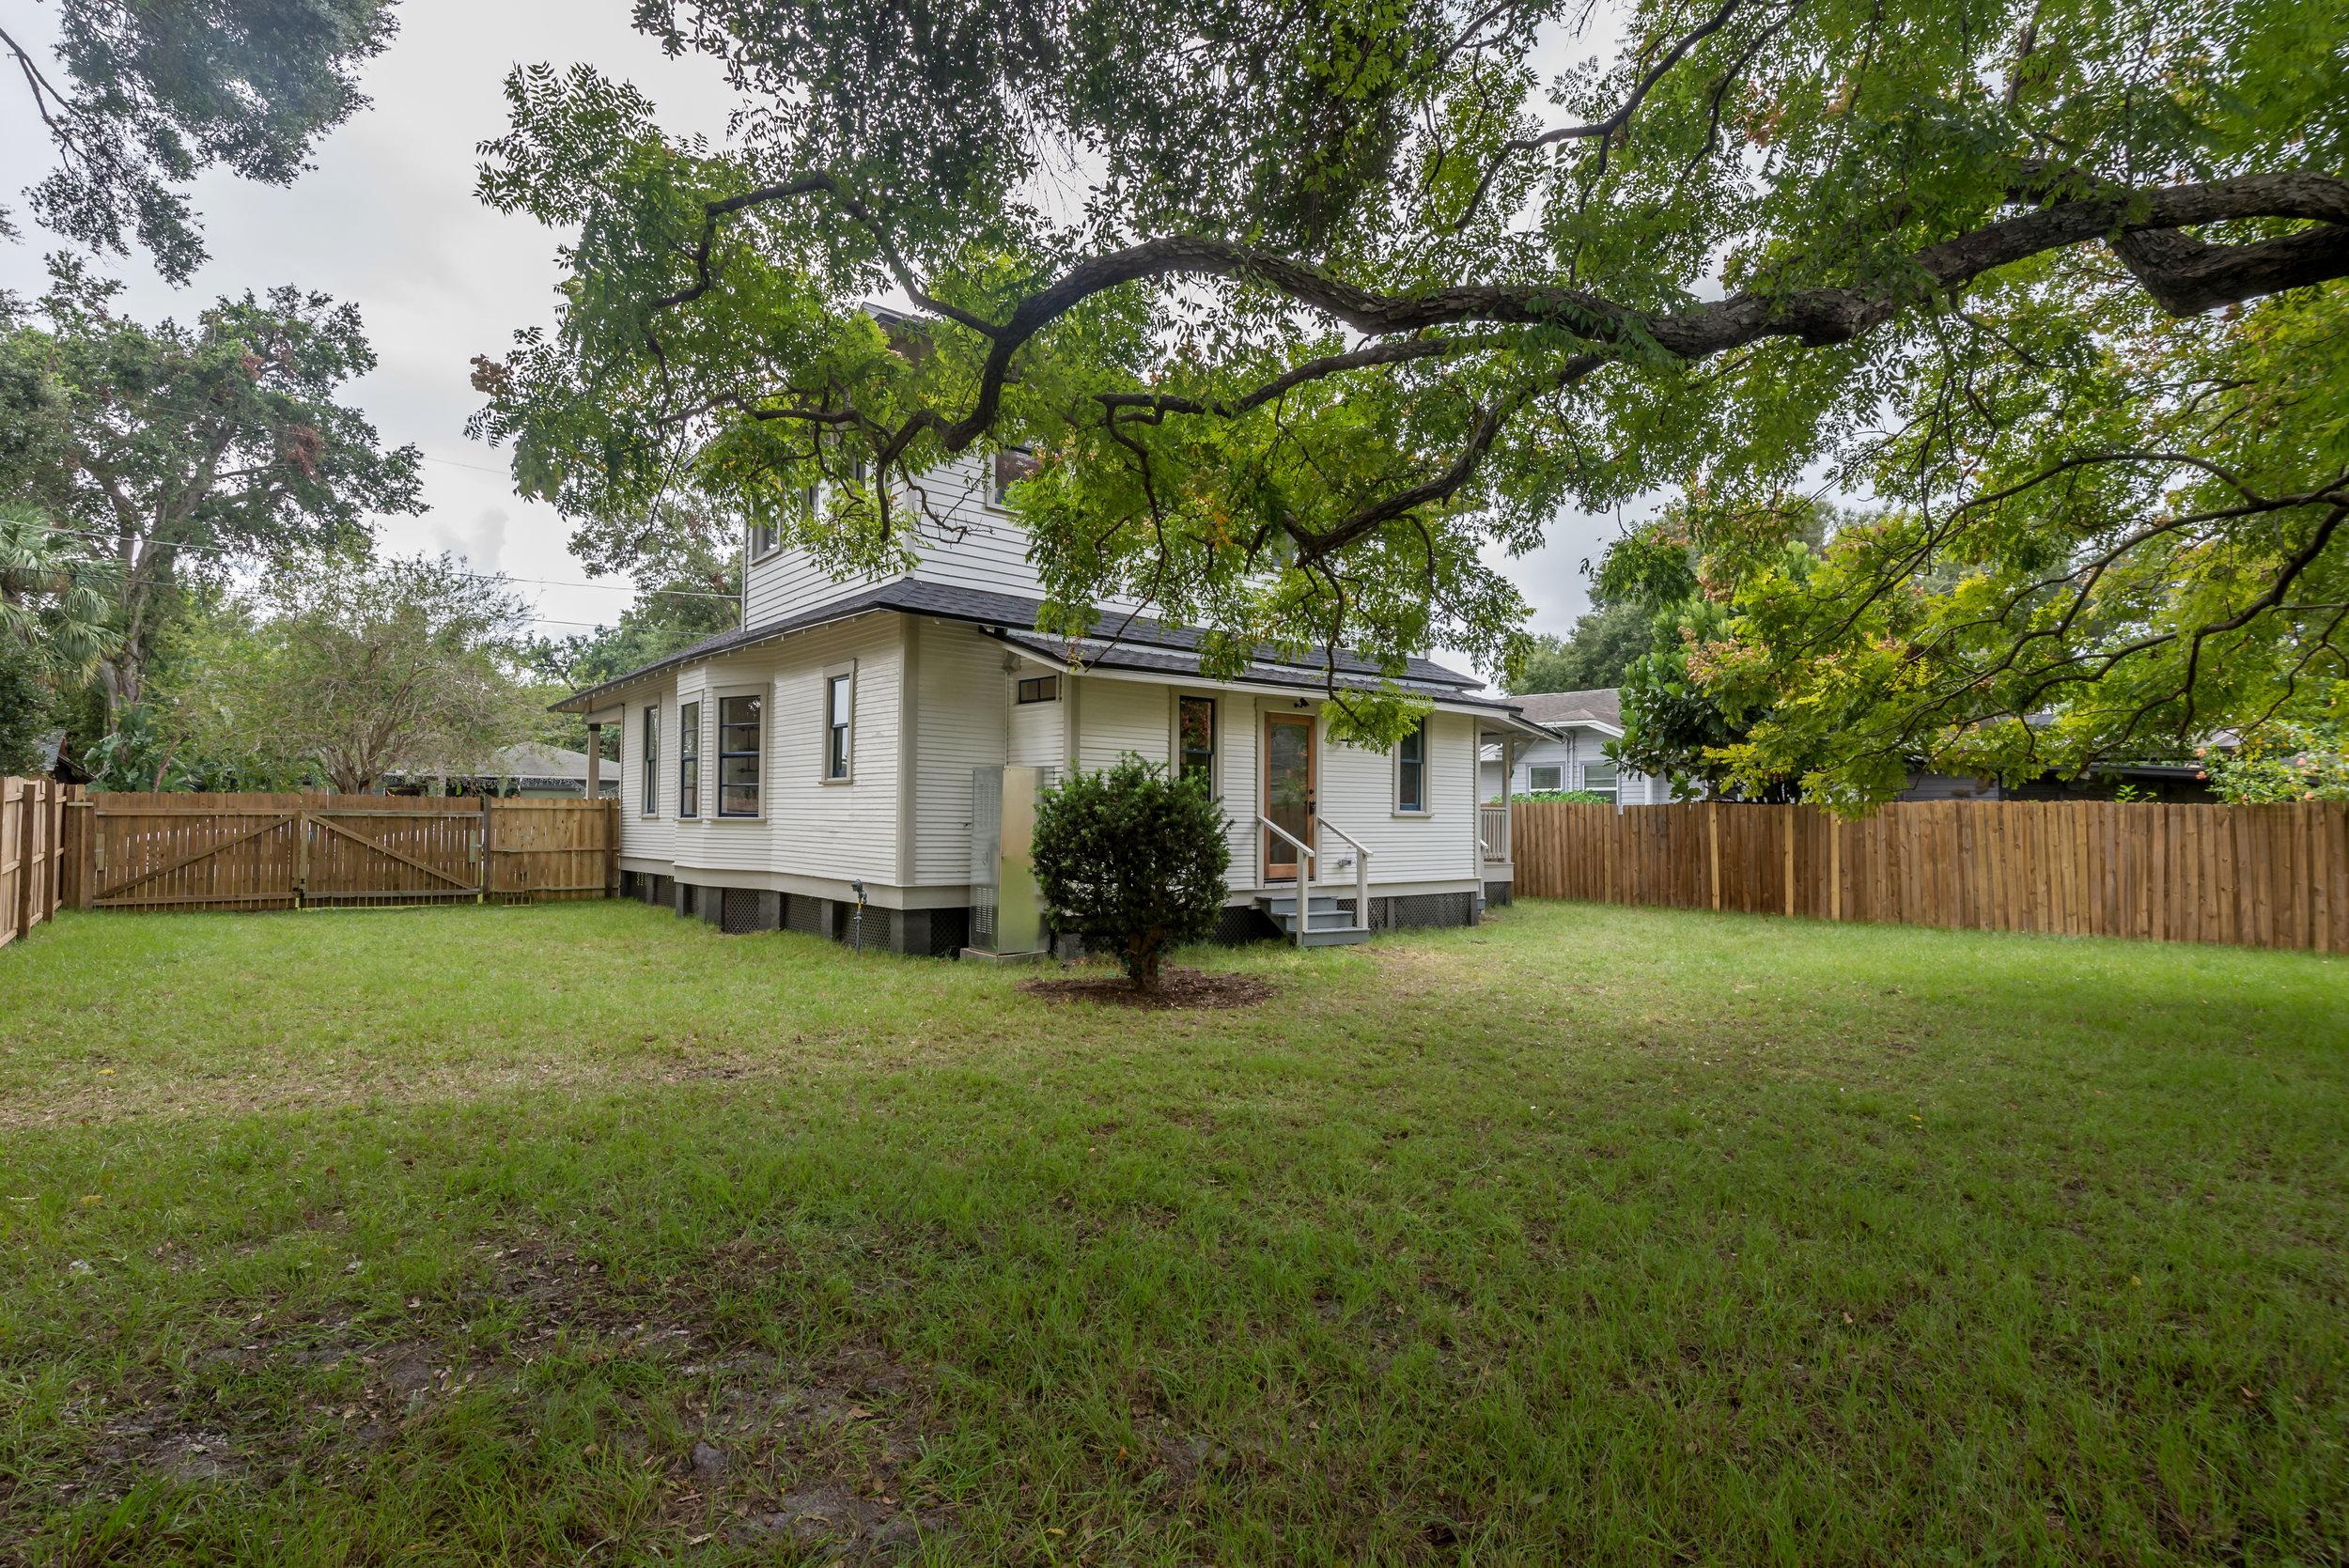 812 E. Louisiana 041.jpg